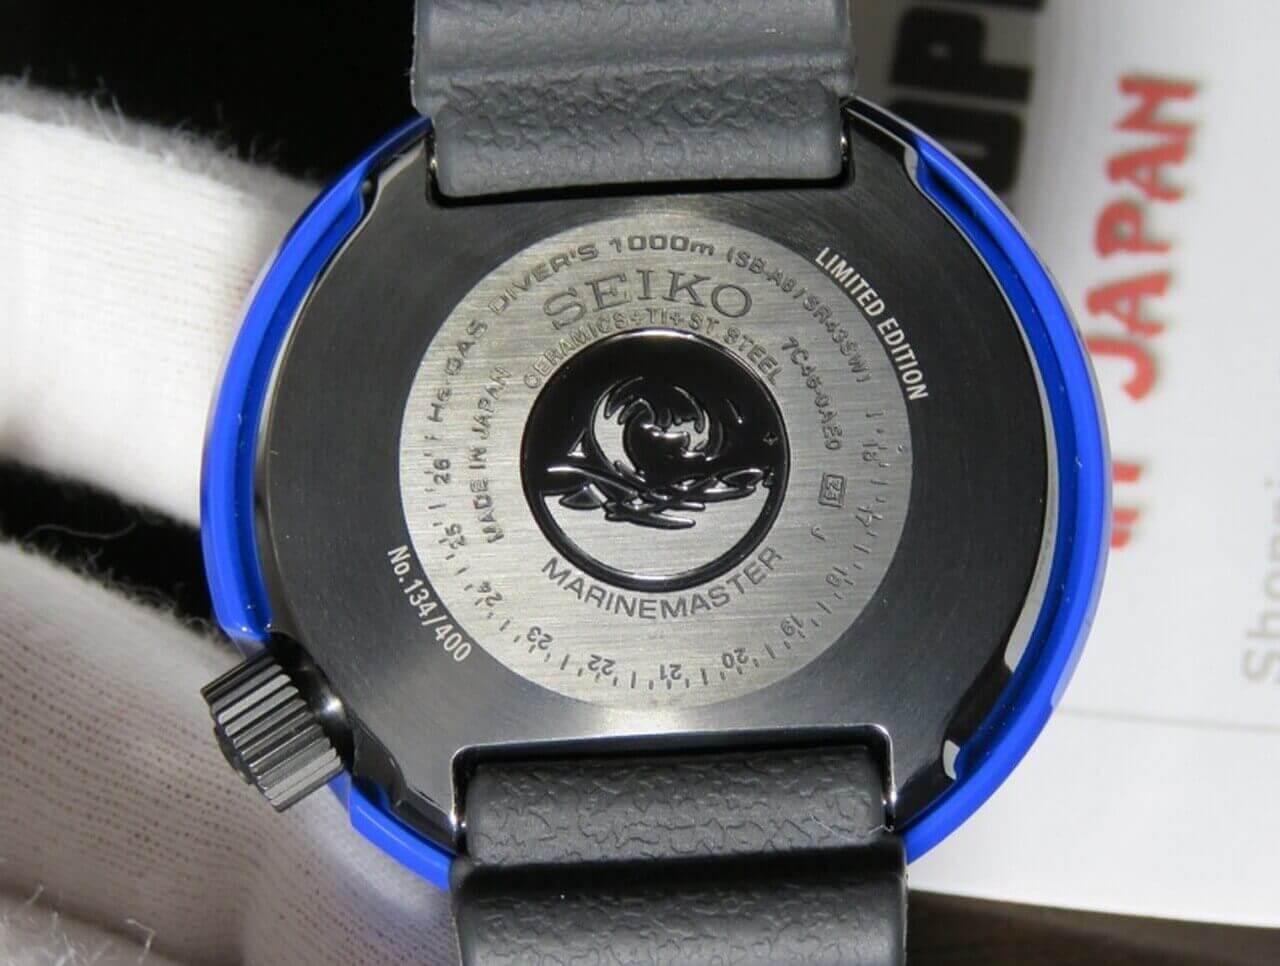 Prospex SBBN021 Marine Master